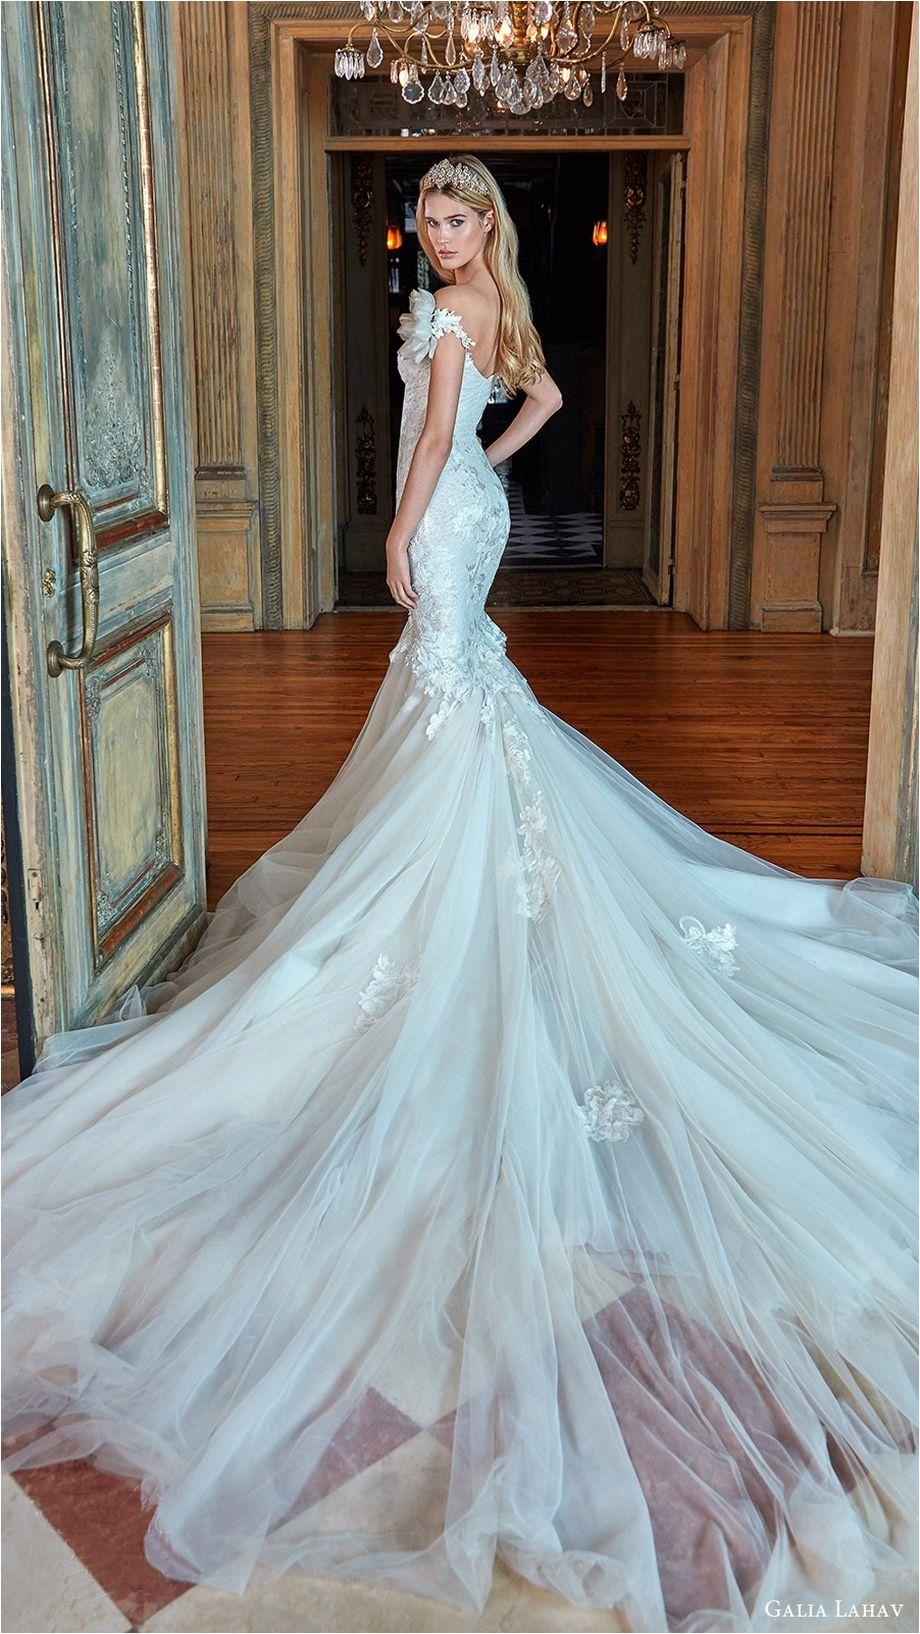 Enchanting Wedding Gowns Under 200 Elaboration - All Wedding Dresses ...